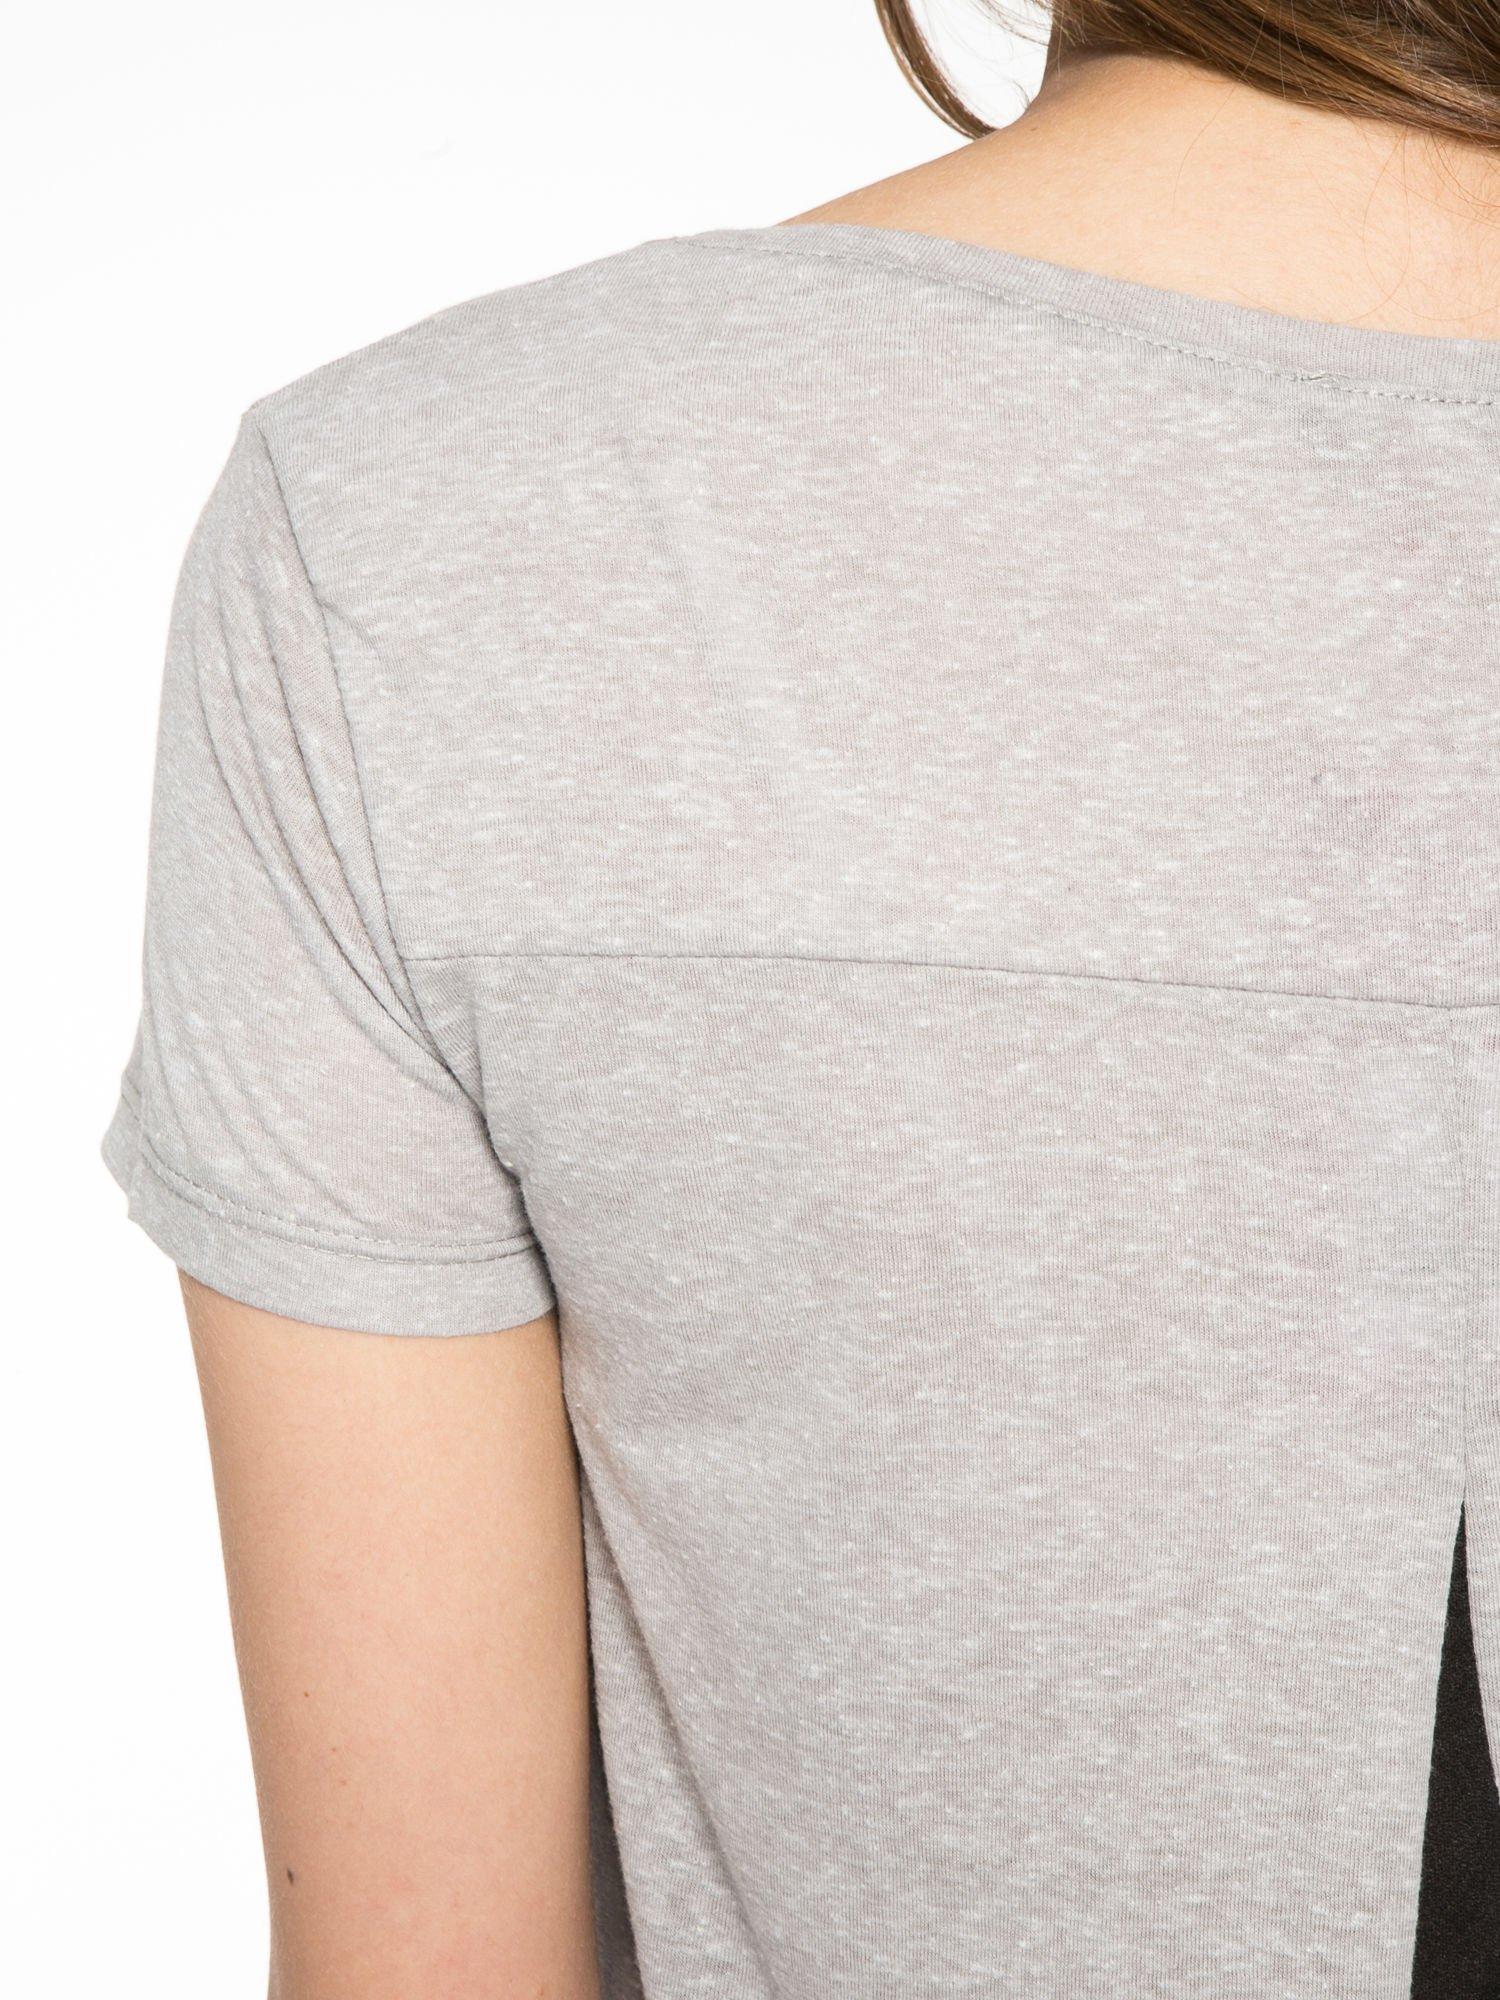 Ciemnoszary t-shirt z fotografiami miast                                  zdj.                                  10